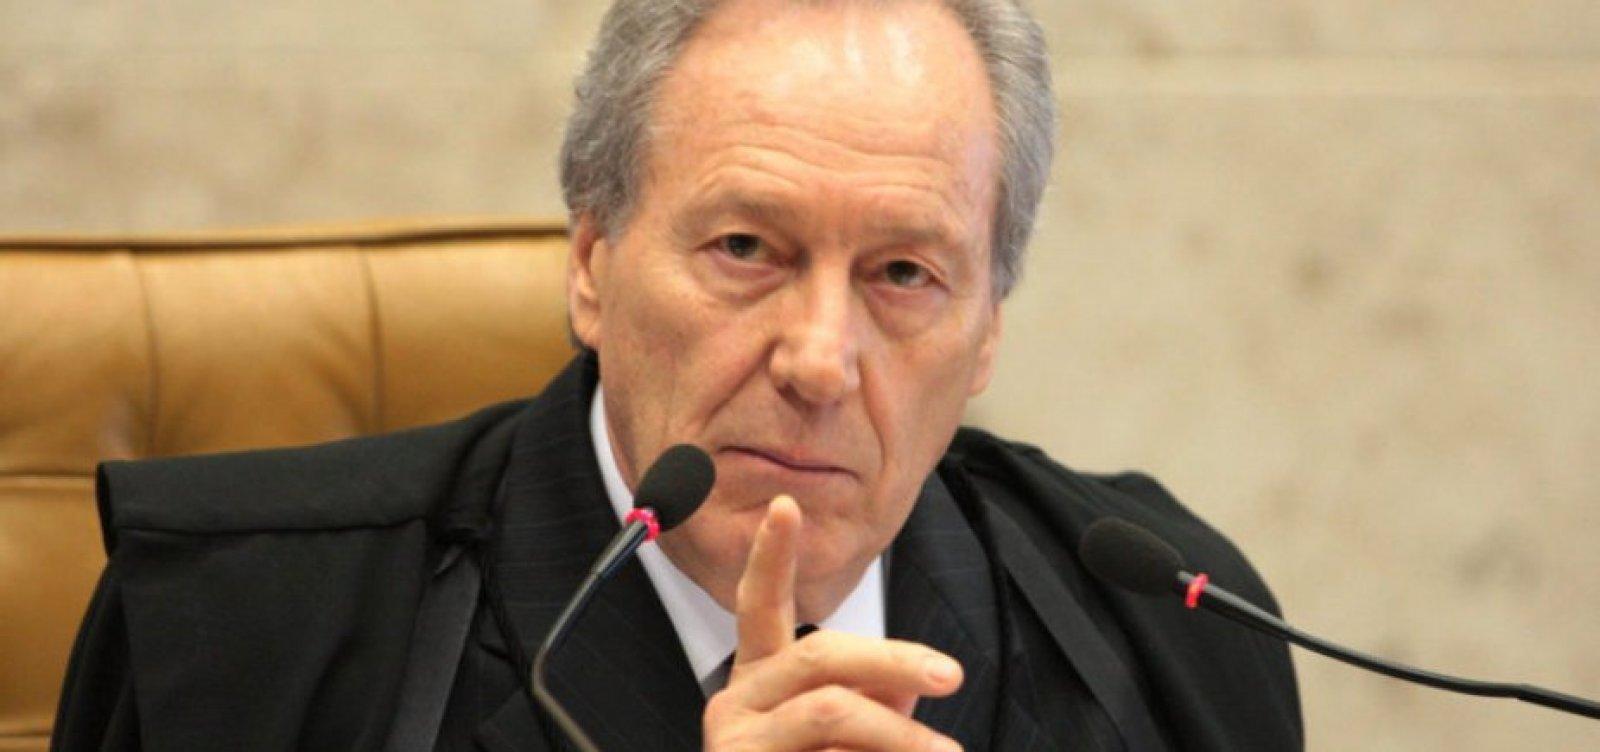 Relator vota contra autonomia do Banco Central no STF; julgamento é suspenso